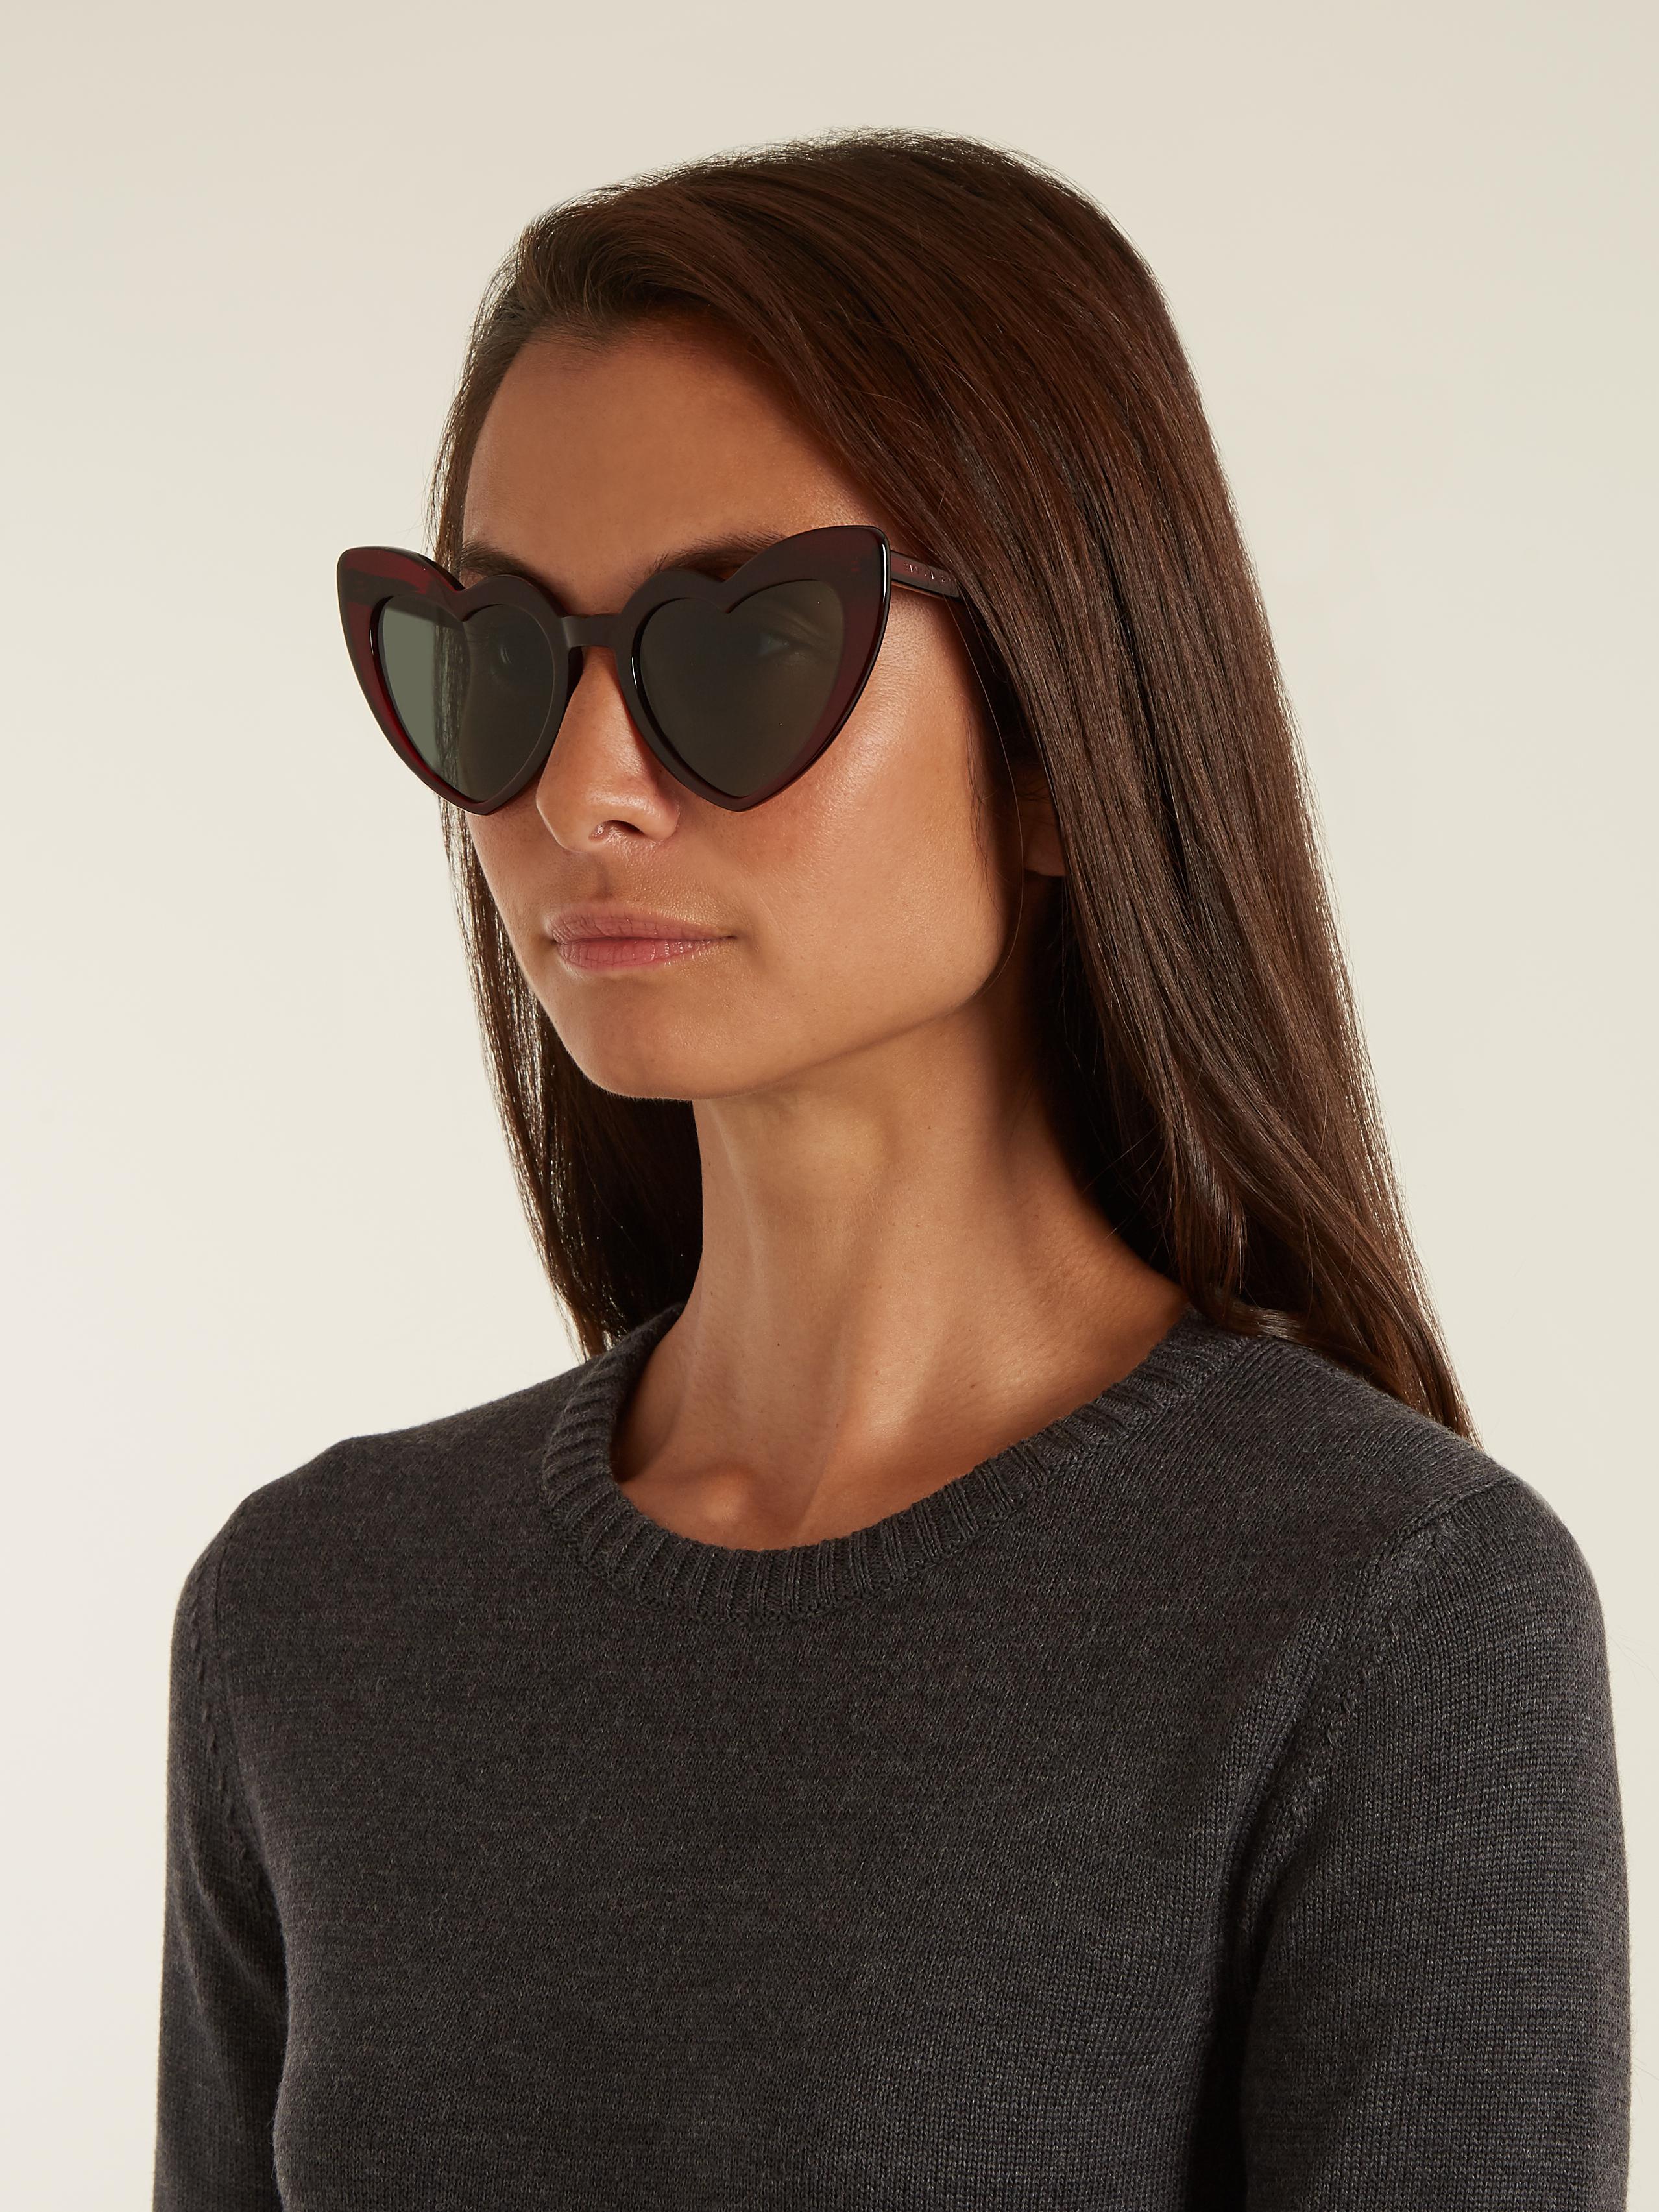 eb3d624cc6 Lyst - Saint Laurent Loulou Heart-shaped Acetate Sunglasses